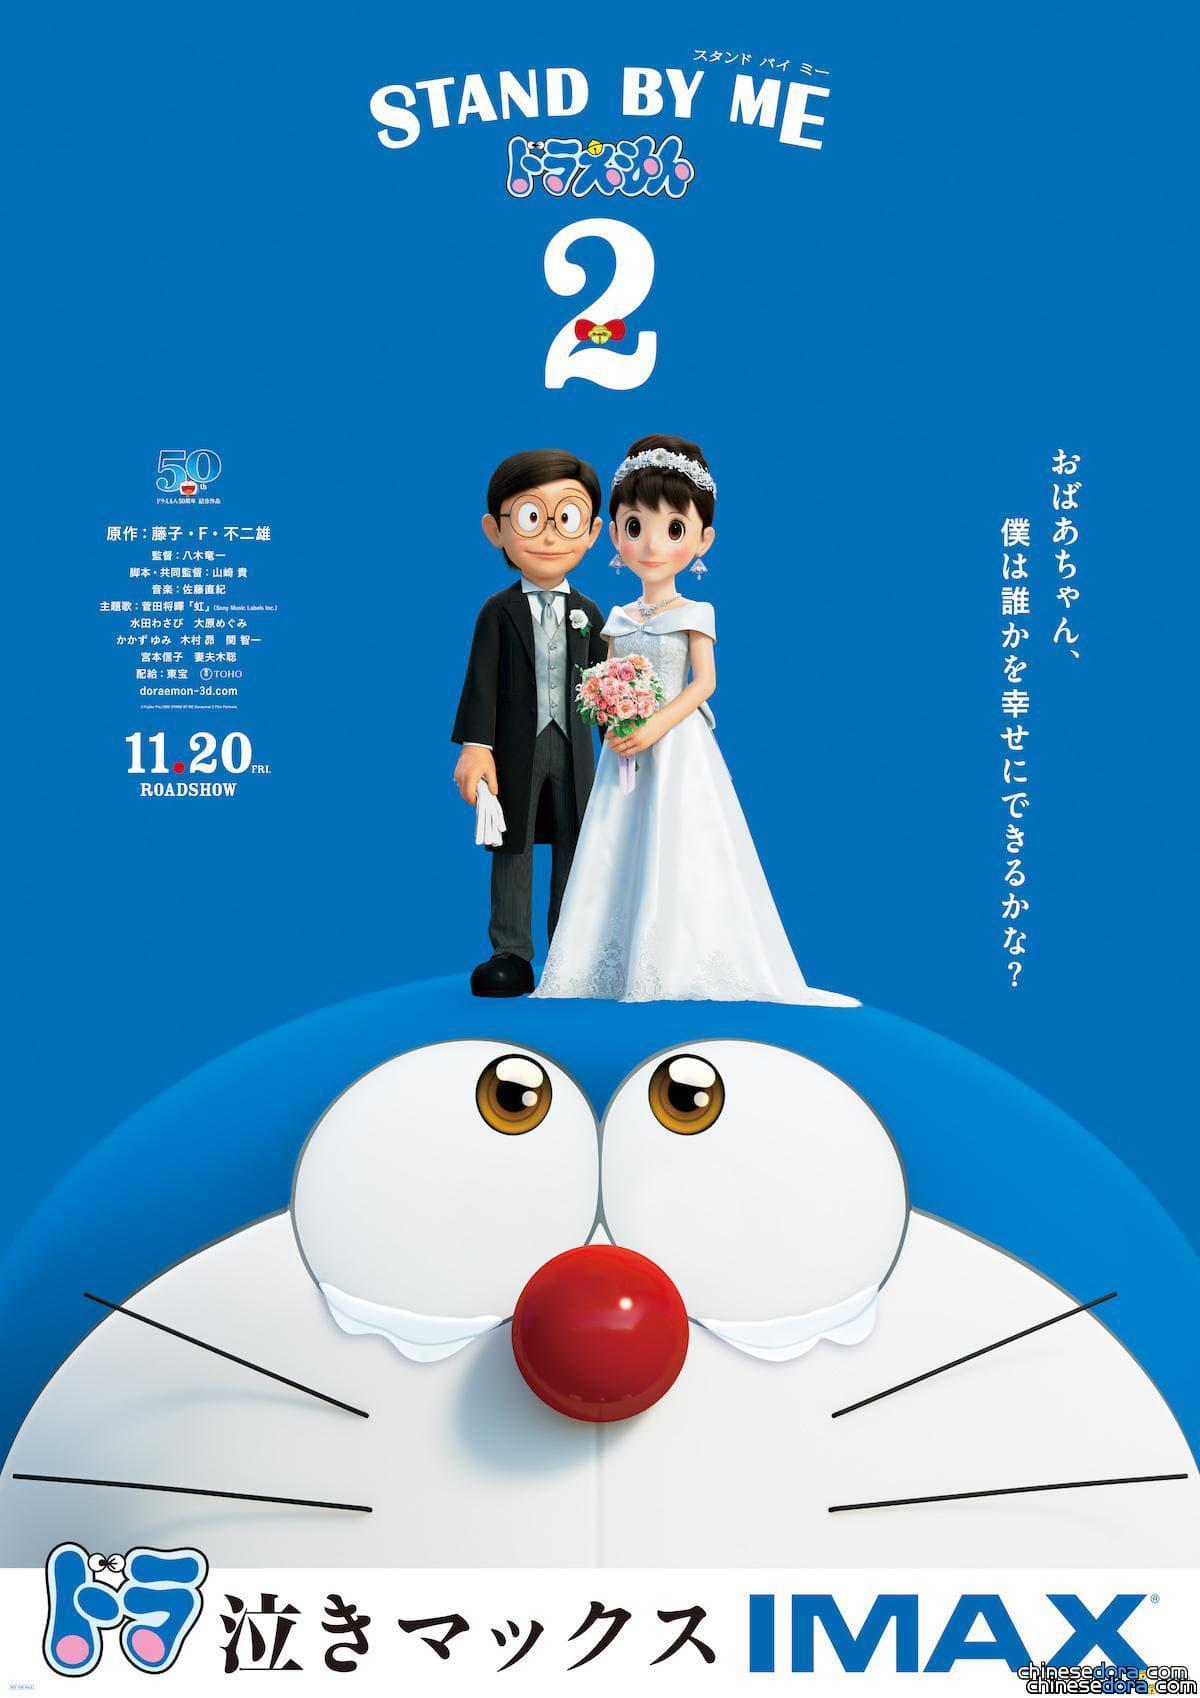 [日本] 大爆死?《STAND BY ME 哆啦A夢 2》首週末票房不敵《鬼滅之刃》 4天6.7億還比《大雄的新恐龍》低